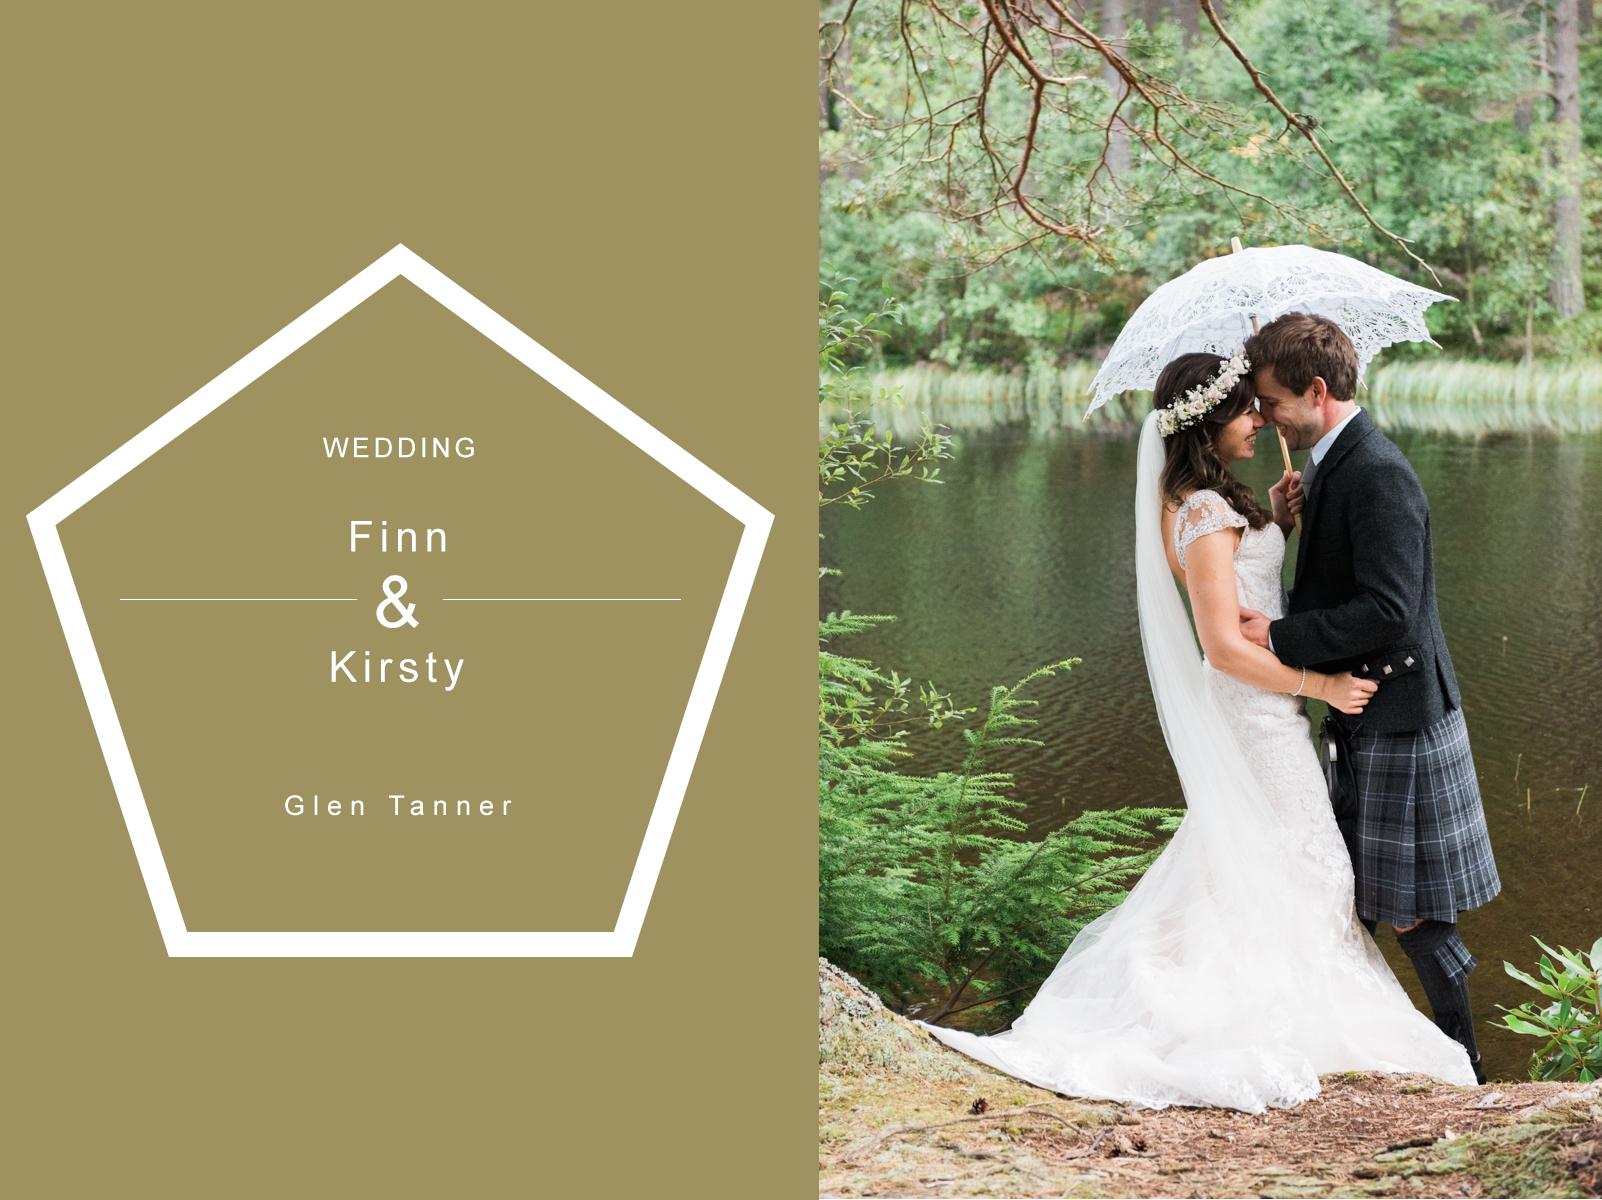 Wedding-Journal-Finn.jpg